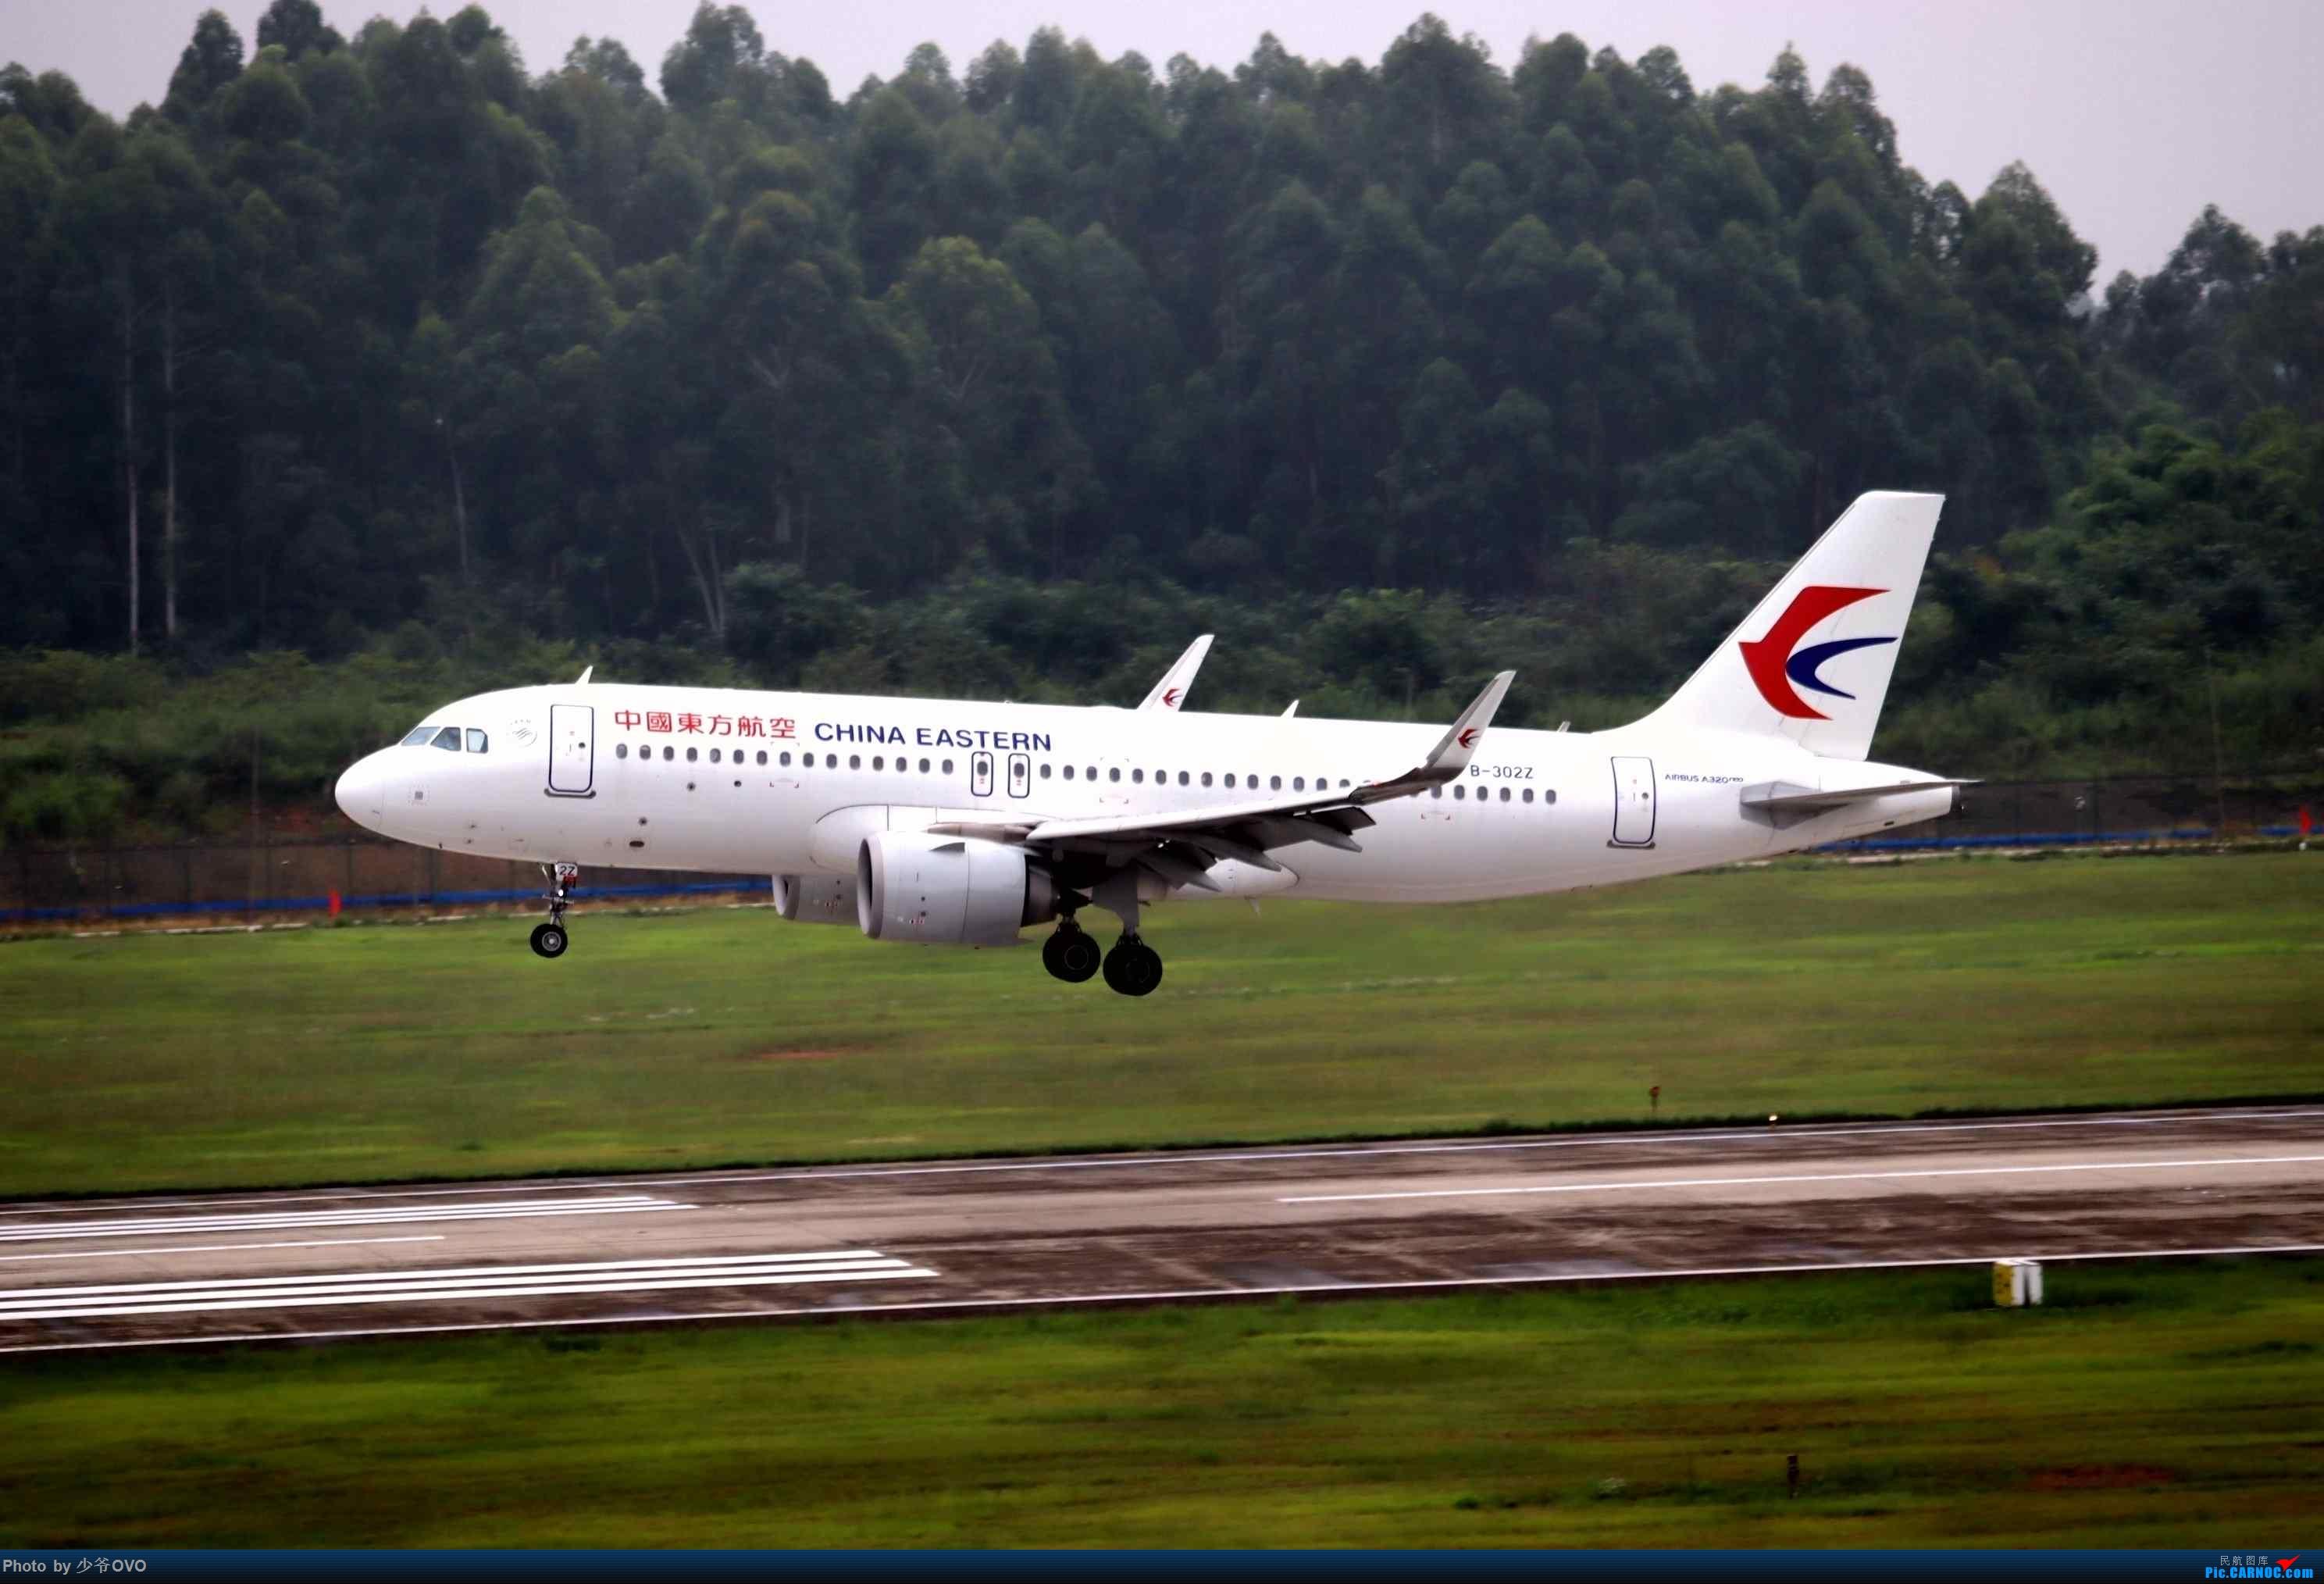 Re:[原创](2020.8.1)少爷的CTU拍机(厦门航空联合国787) AIRBUS A320NEO B-302Z 中国成都双流国际机场